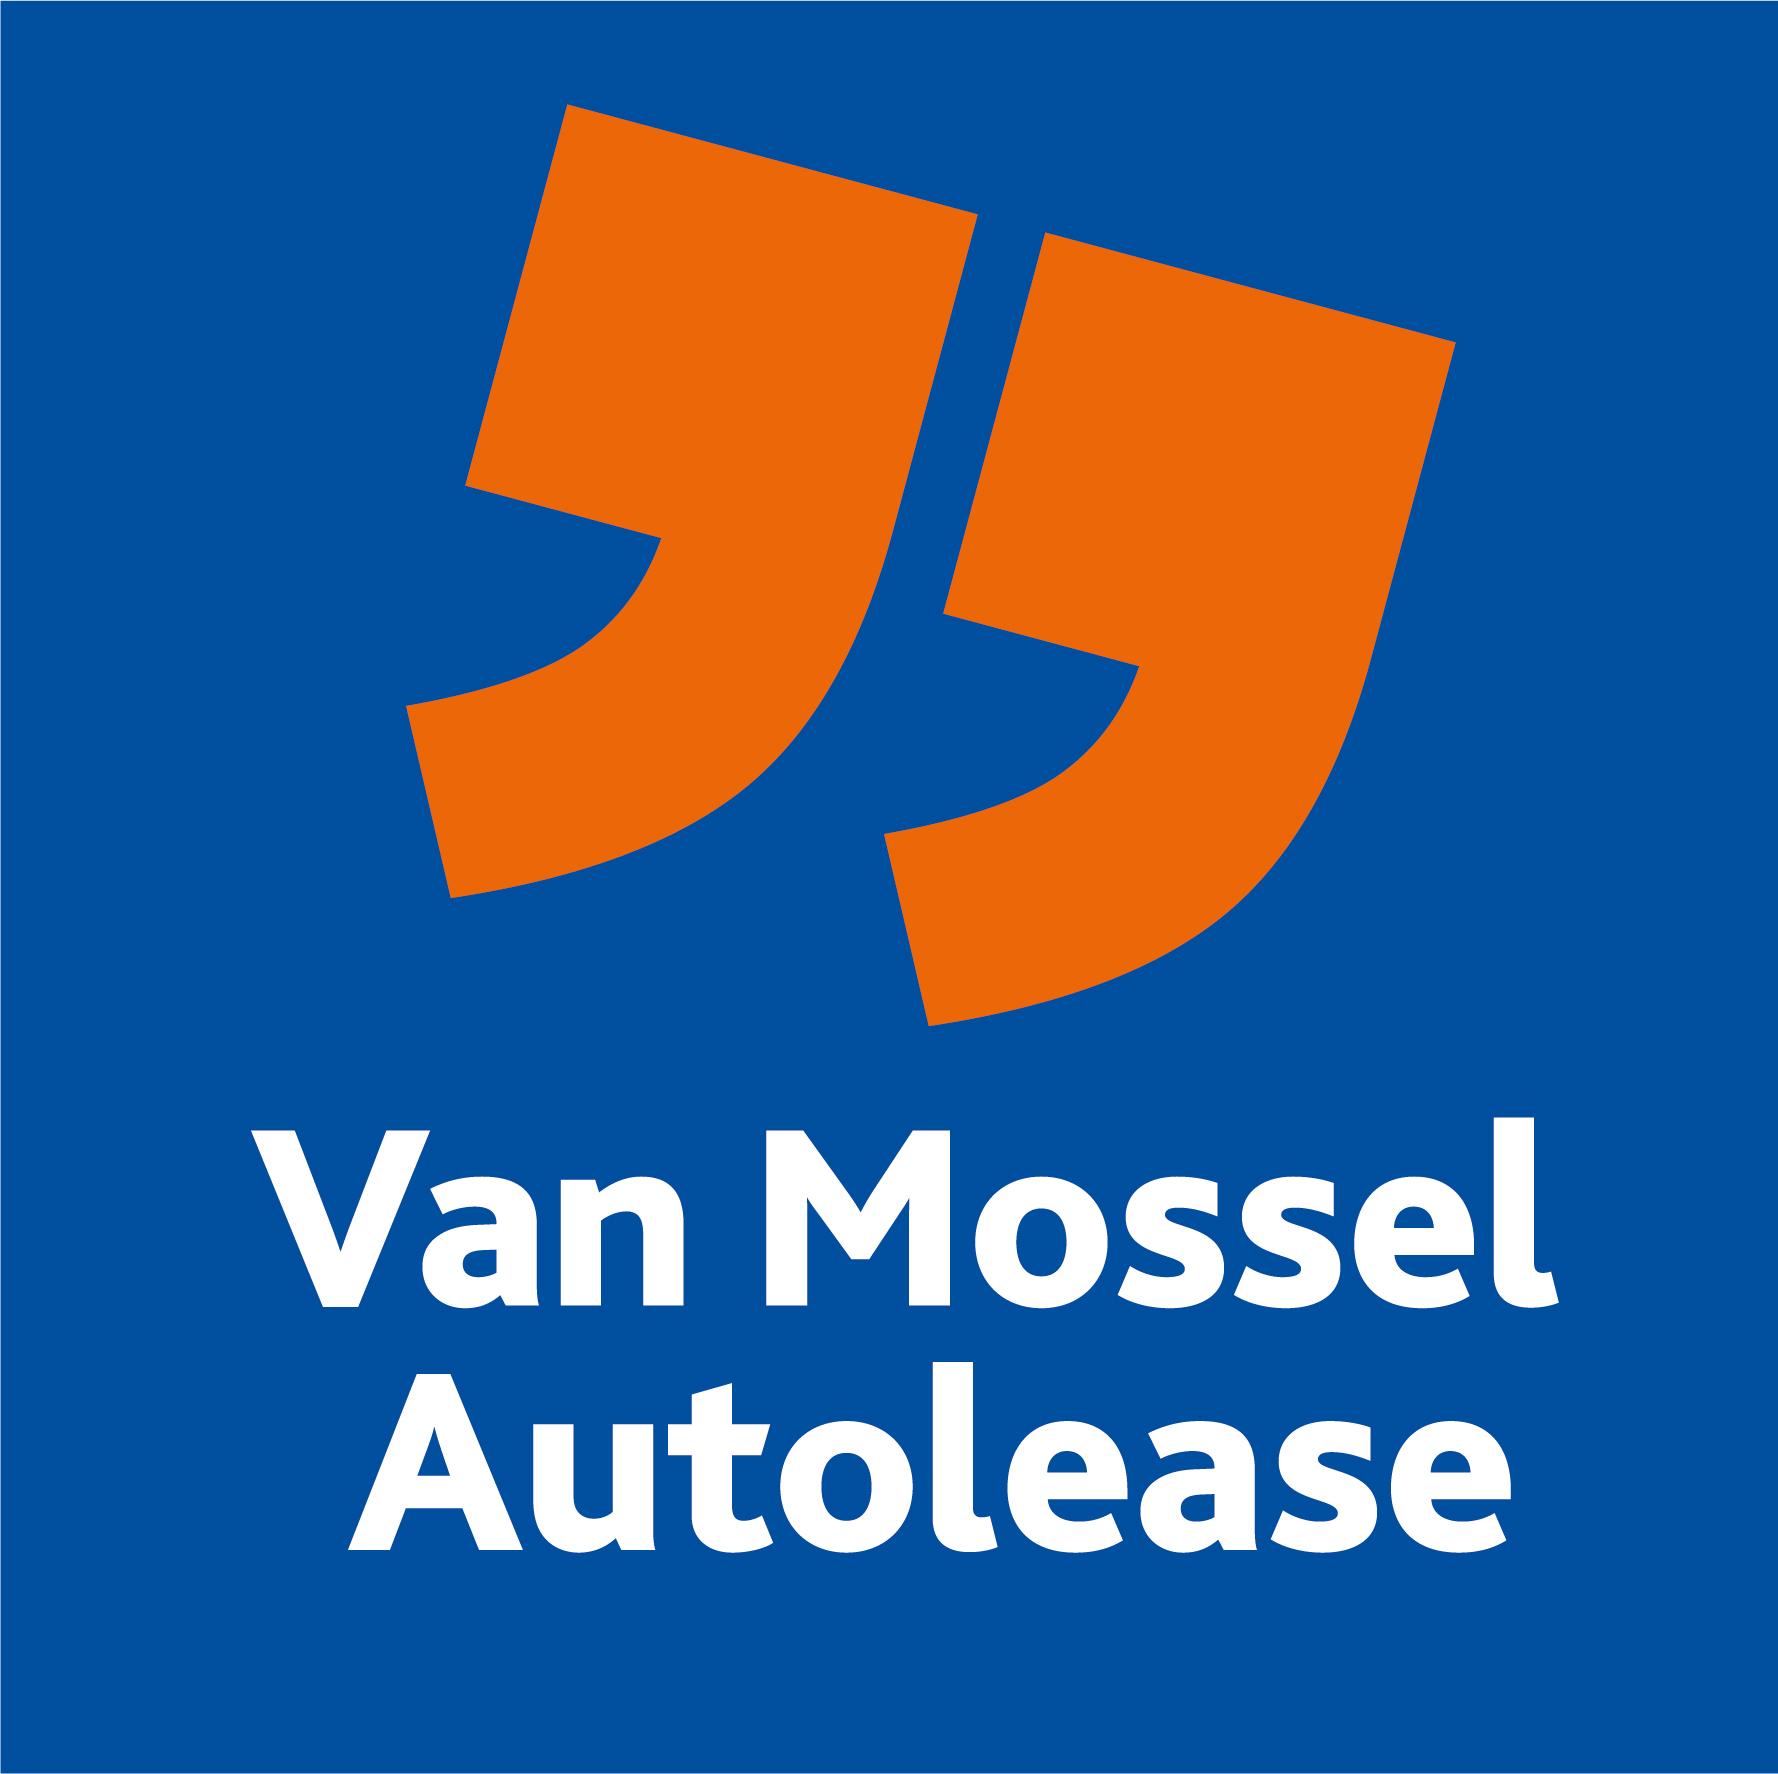 Van Mossel Autolease